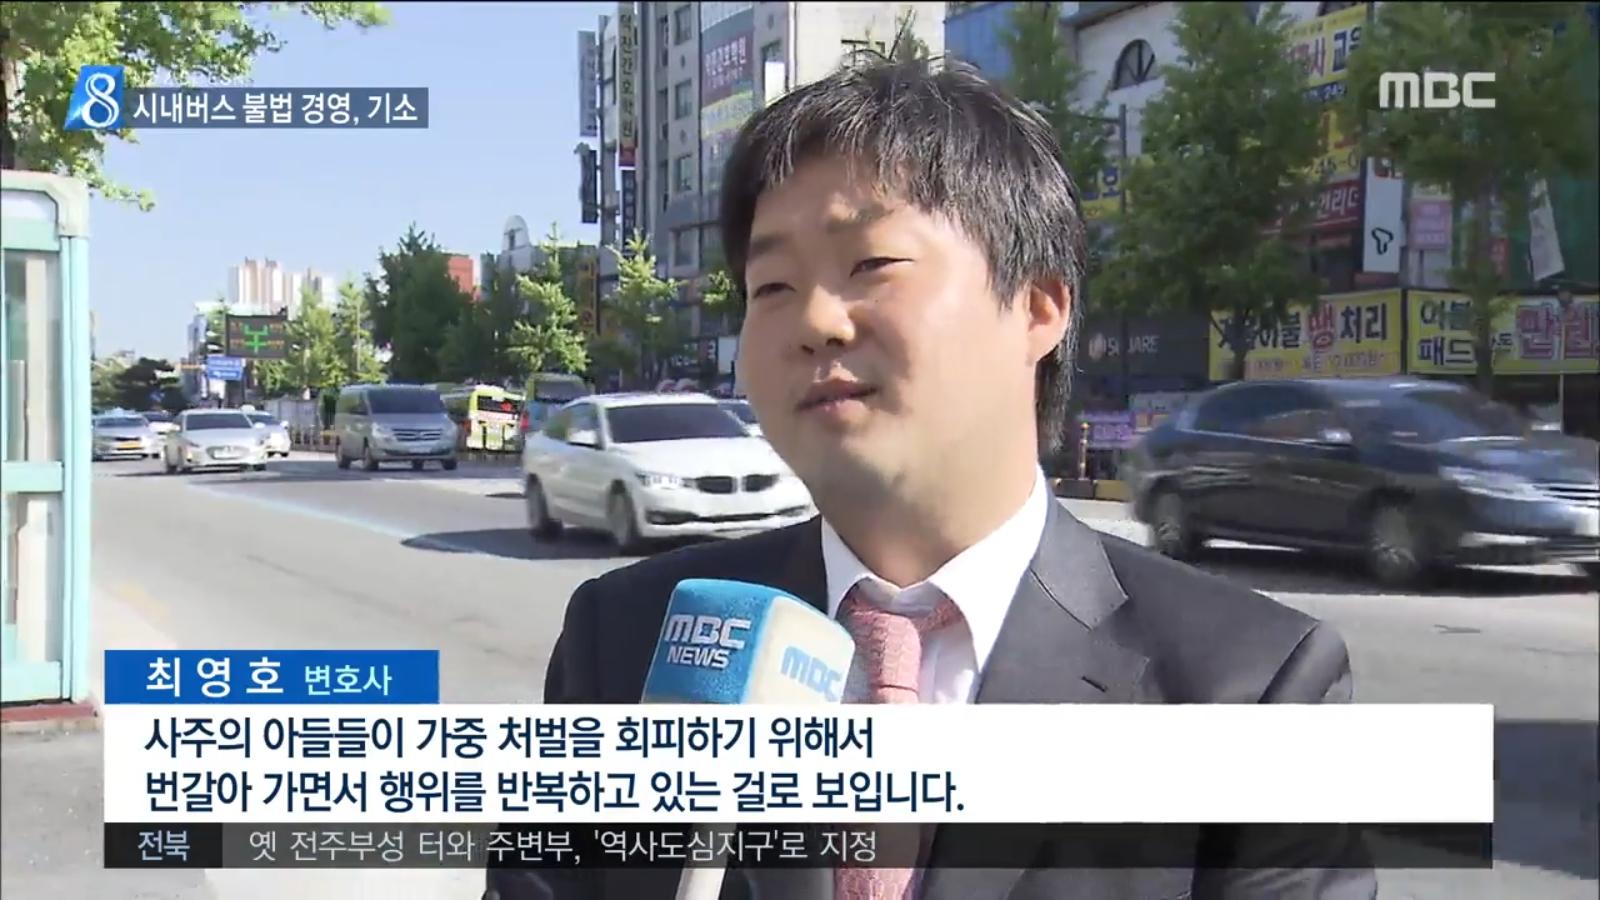 [18.5.7 MBC전주] 전주시내버스 부도덕한 경영 확인돼, 전주시 책임은5.jpg